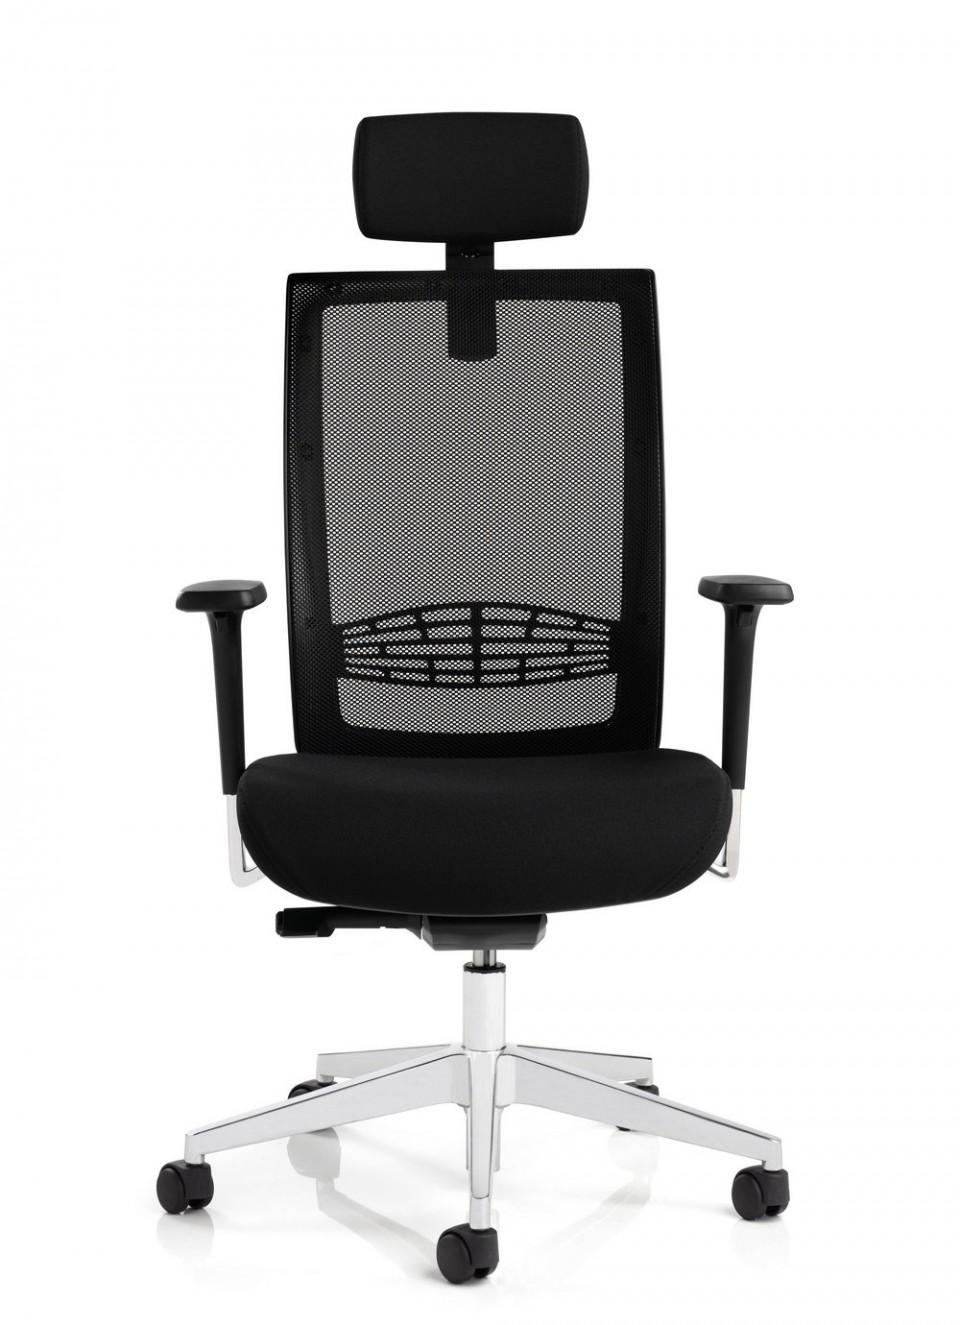 fauteuil de bureau ergonomique vannes achat si ges ergonomiques 288 00. Black Bedroom Furniture Sets. Home Design Ideas